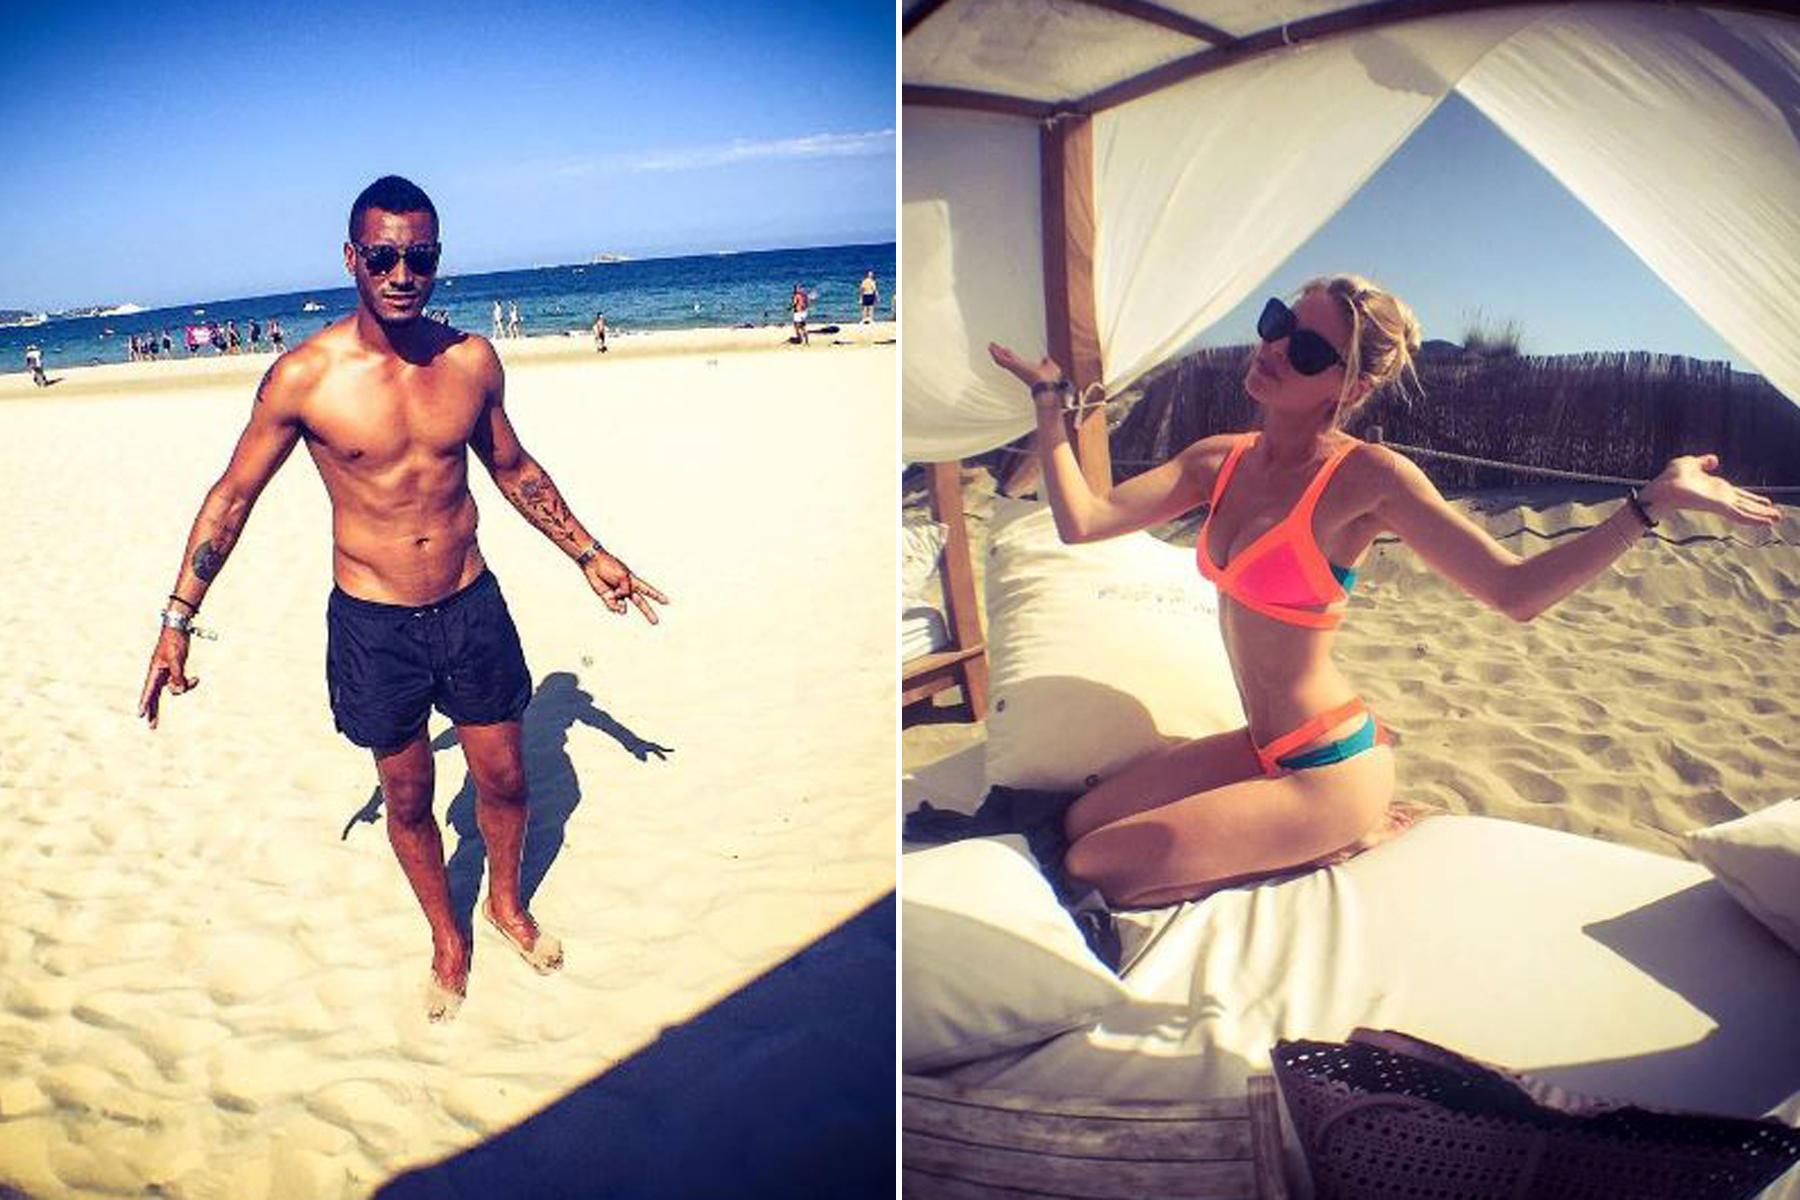 DJ Sunnery James und Topmodel Doutzen Kroes lassen es sich am Strand von Ibiza gut gehen.